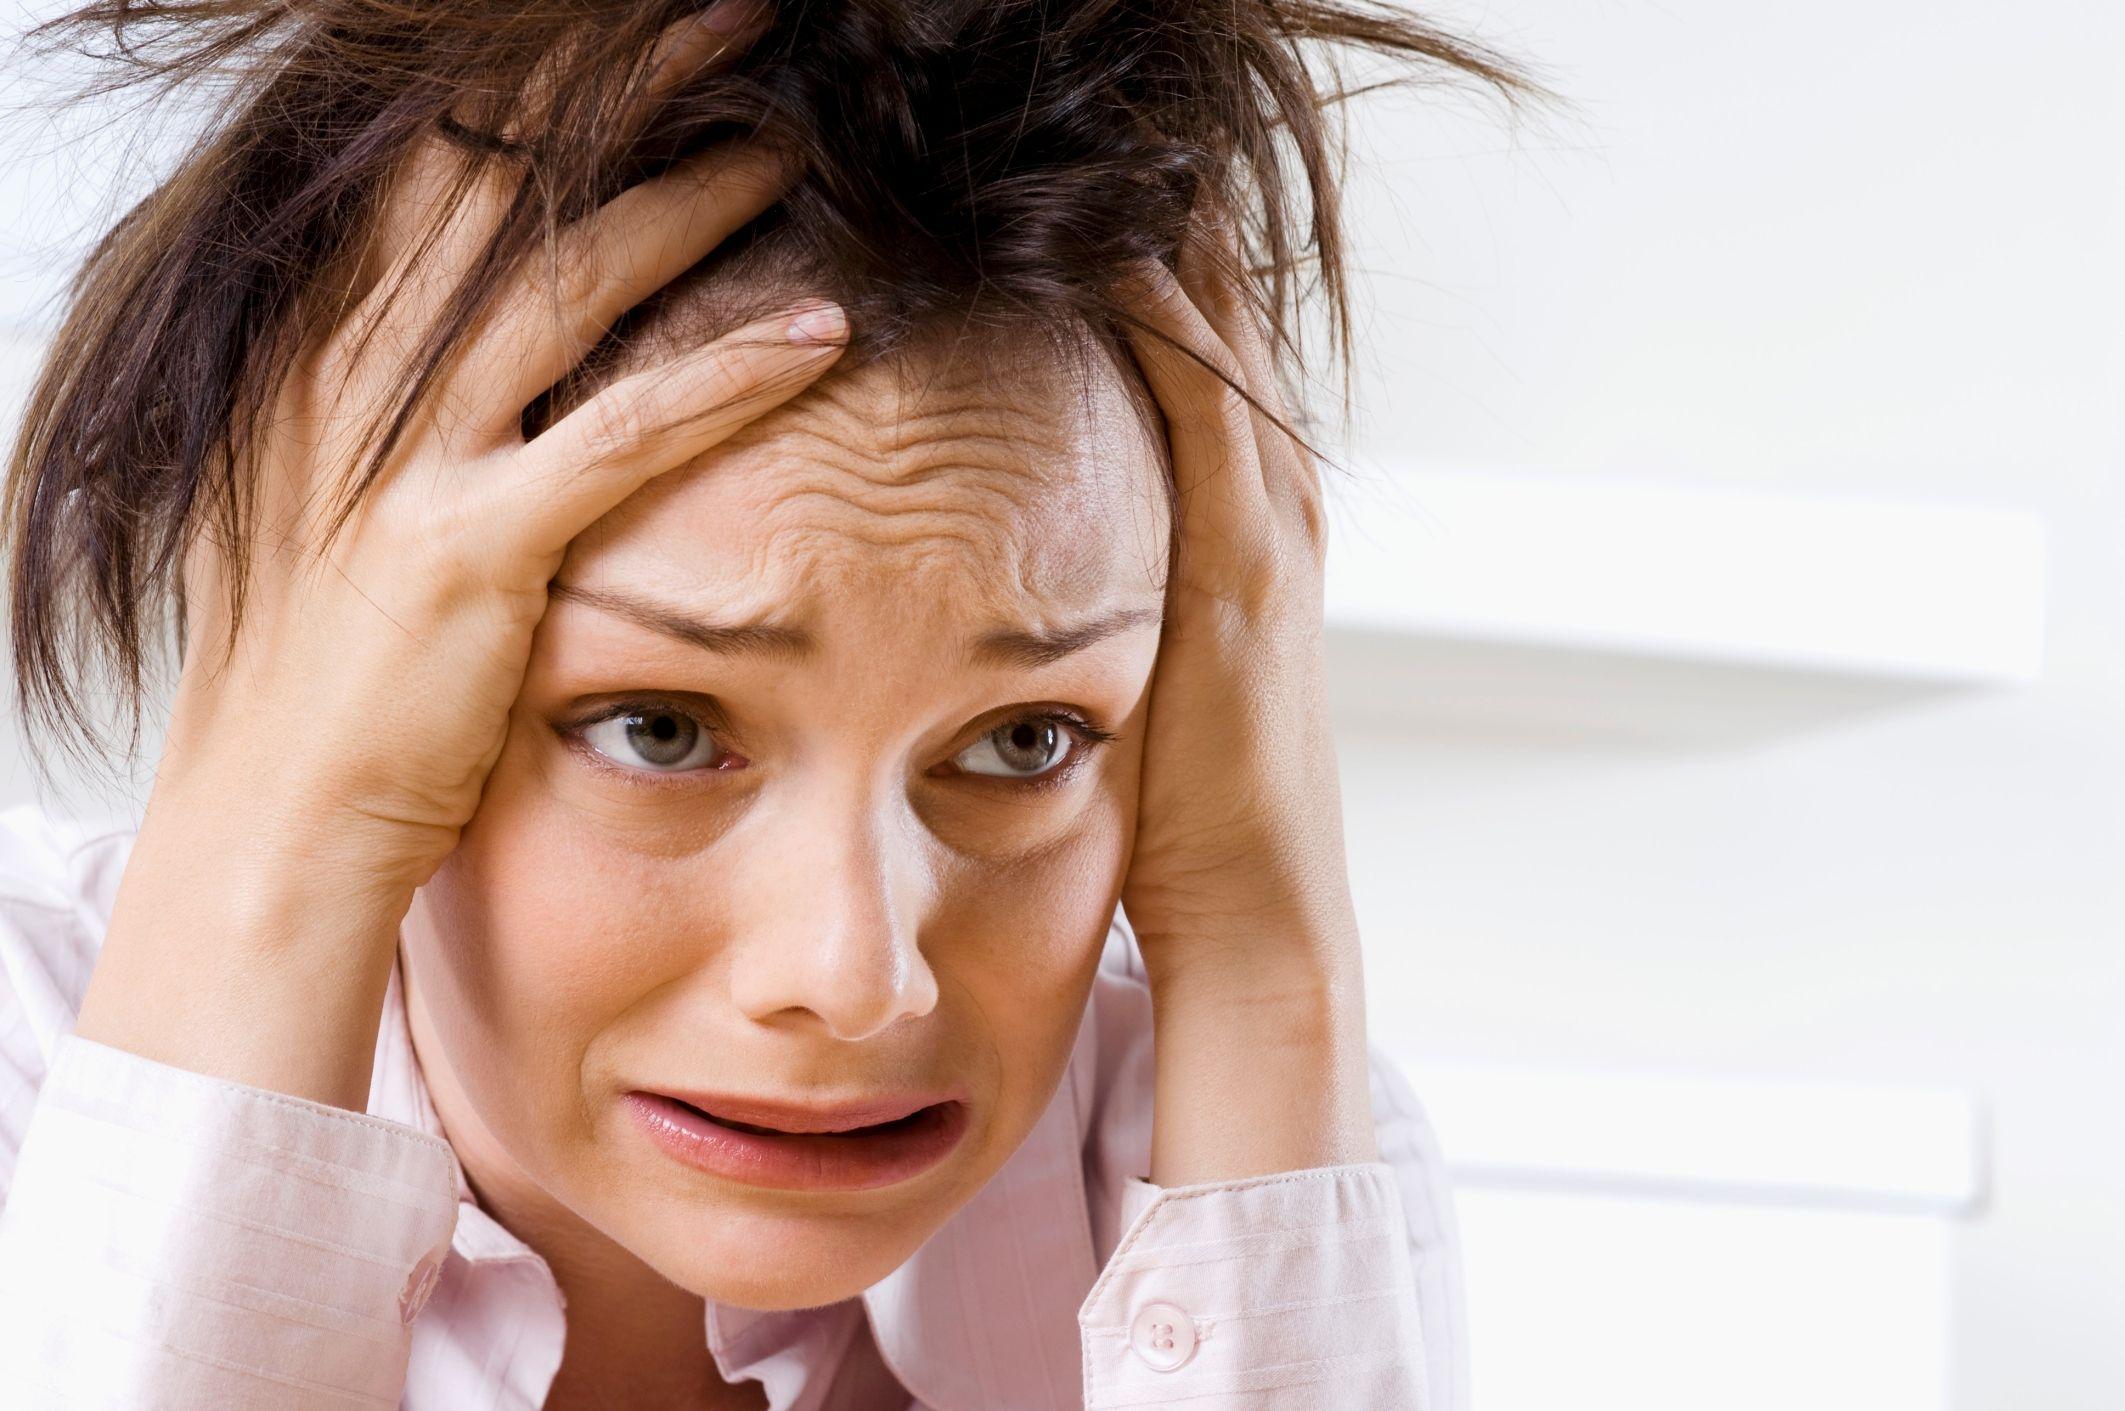 Последствия депрессии: симптомы, опасности, рекомендации